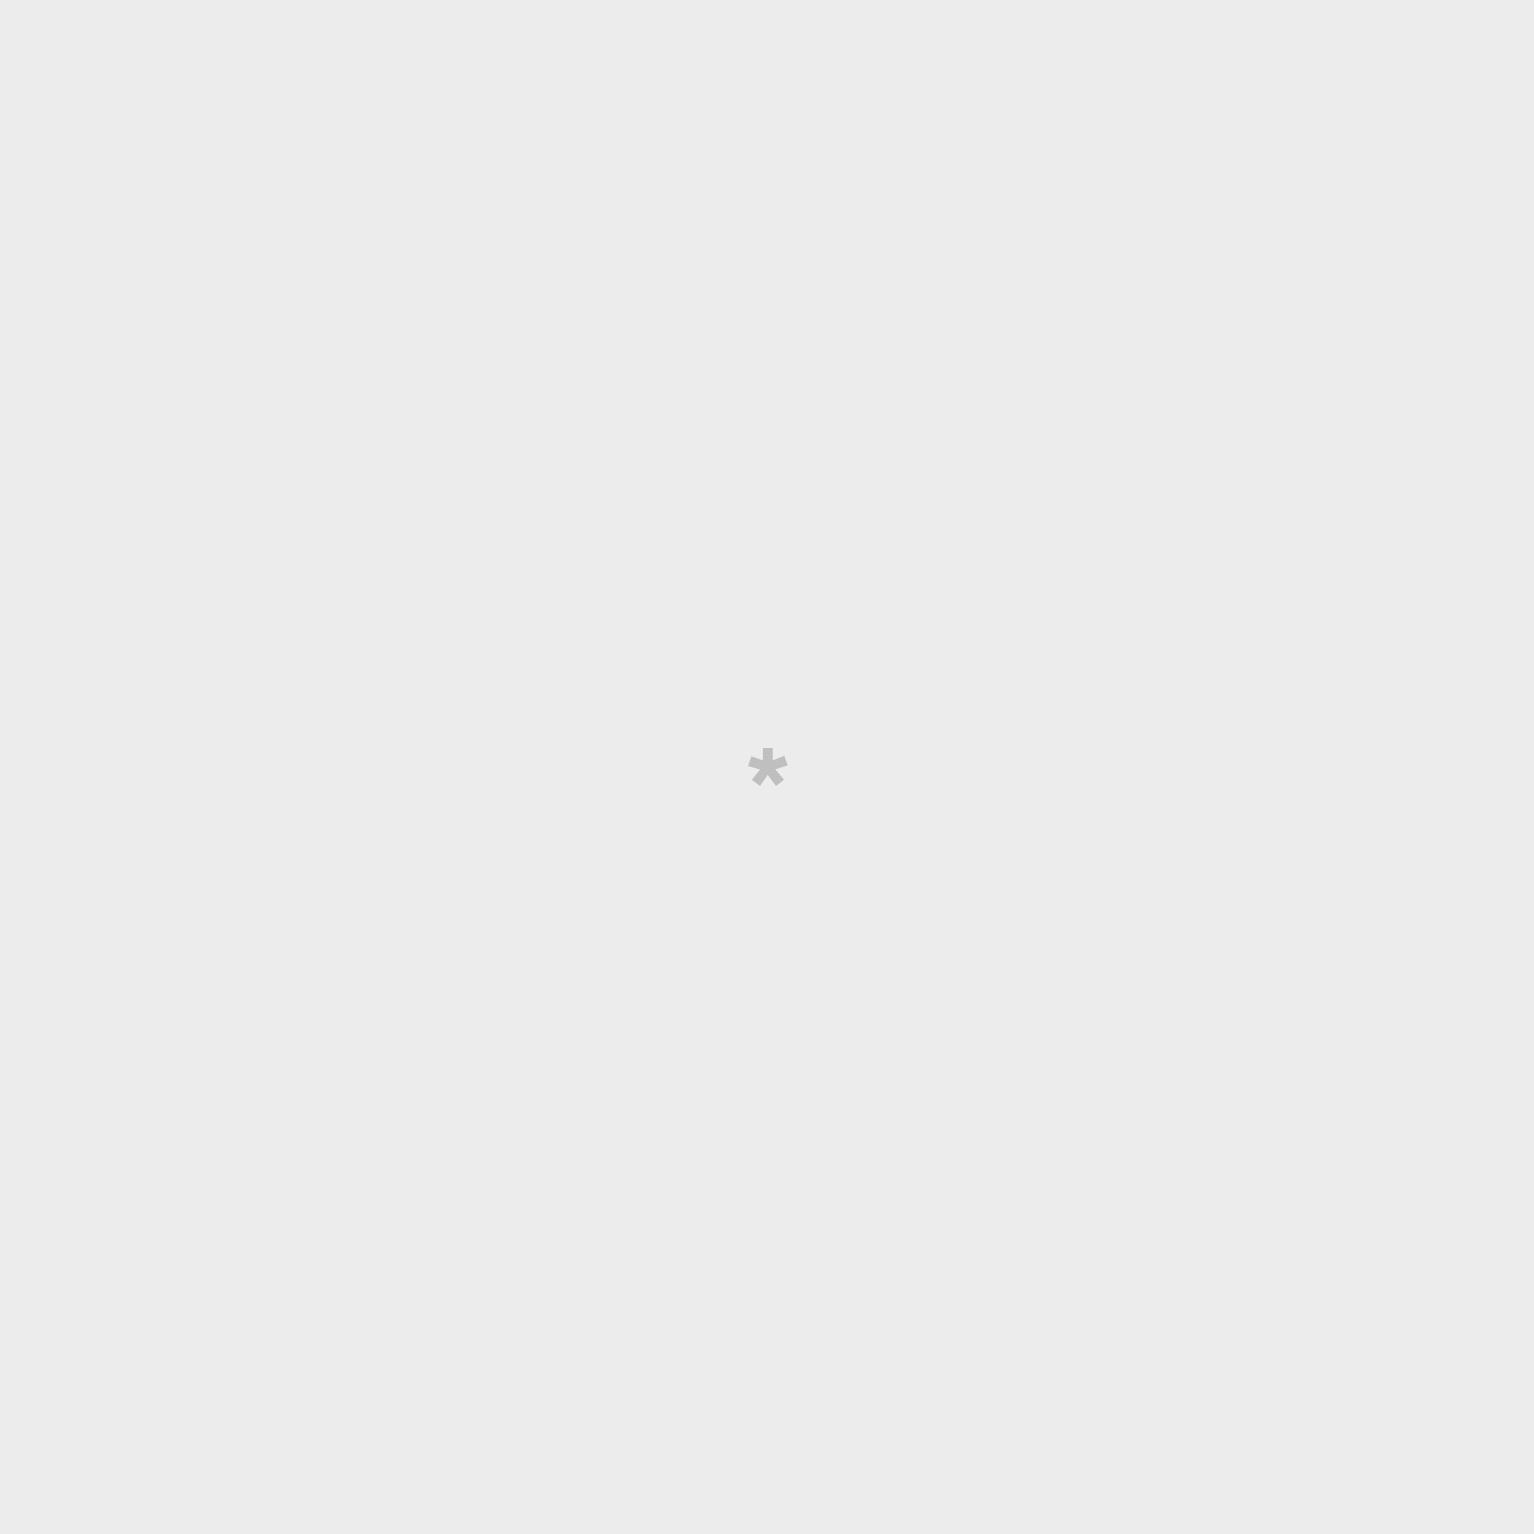 Copa de vino - No molesten. Padre en la gloria.